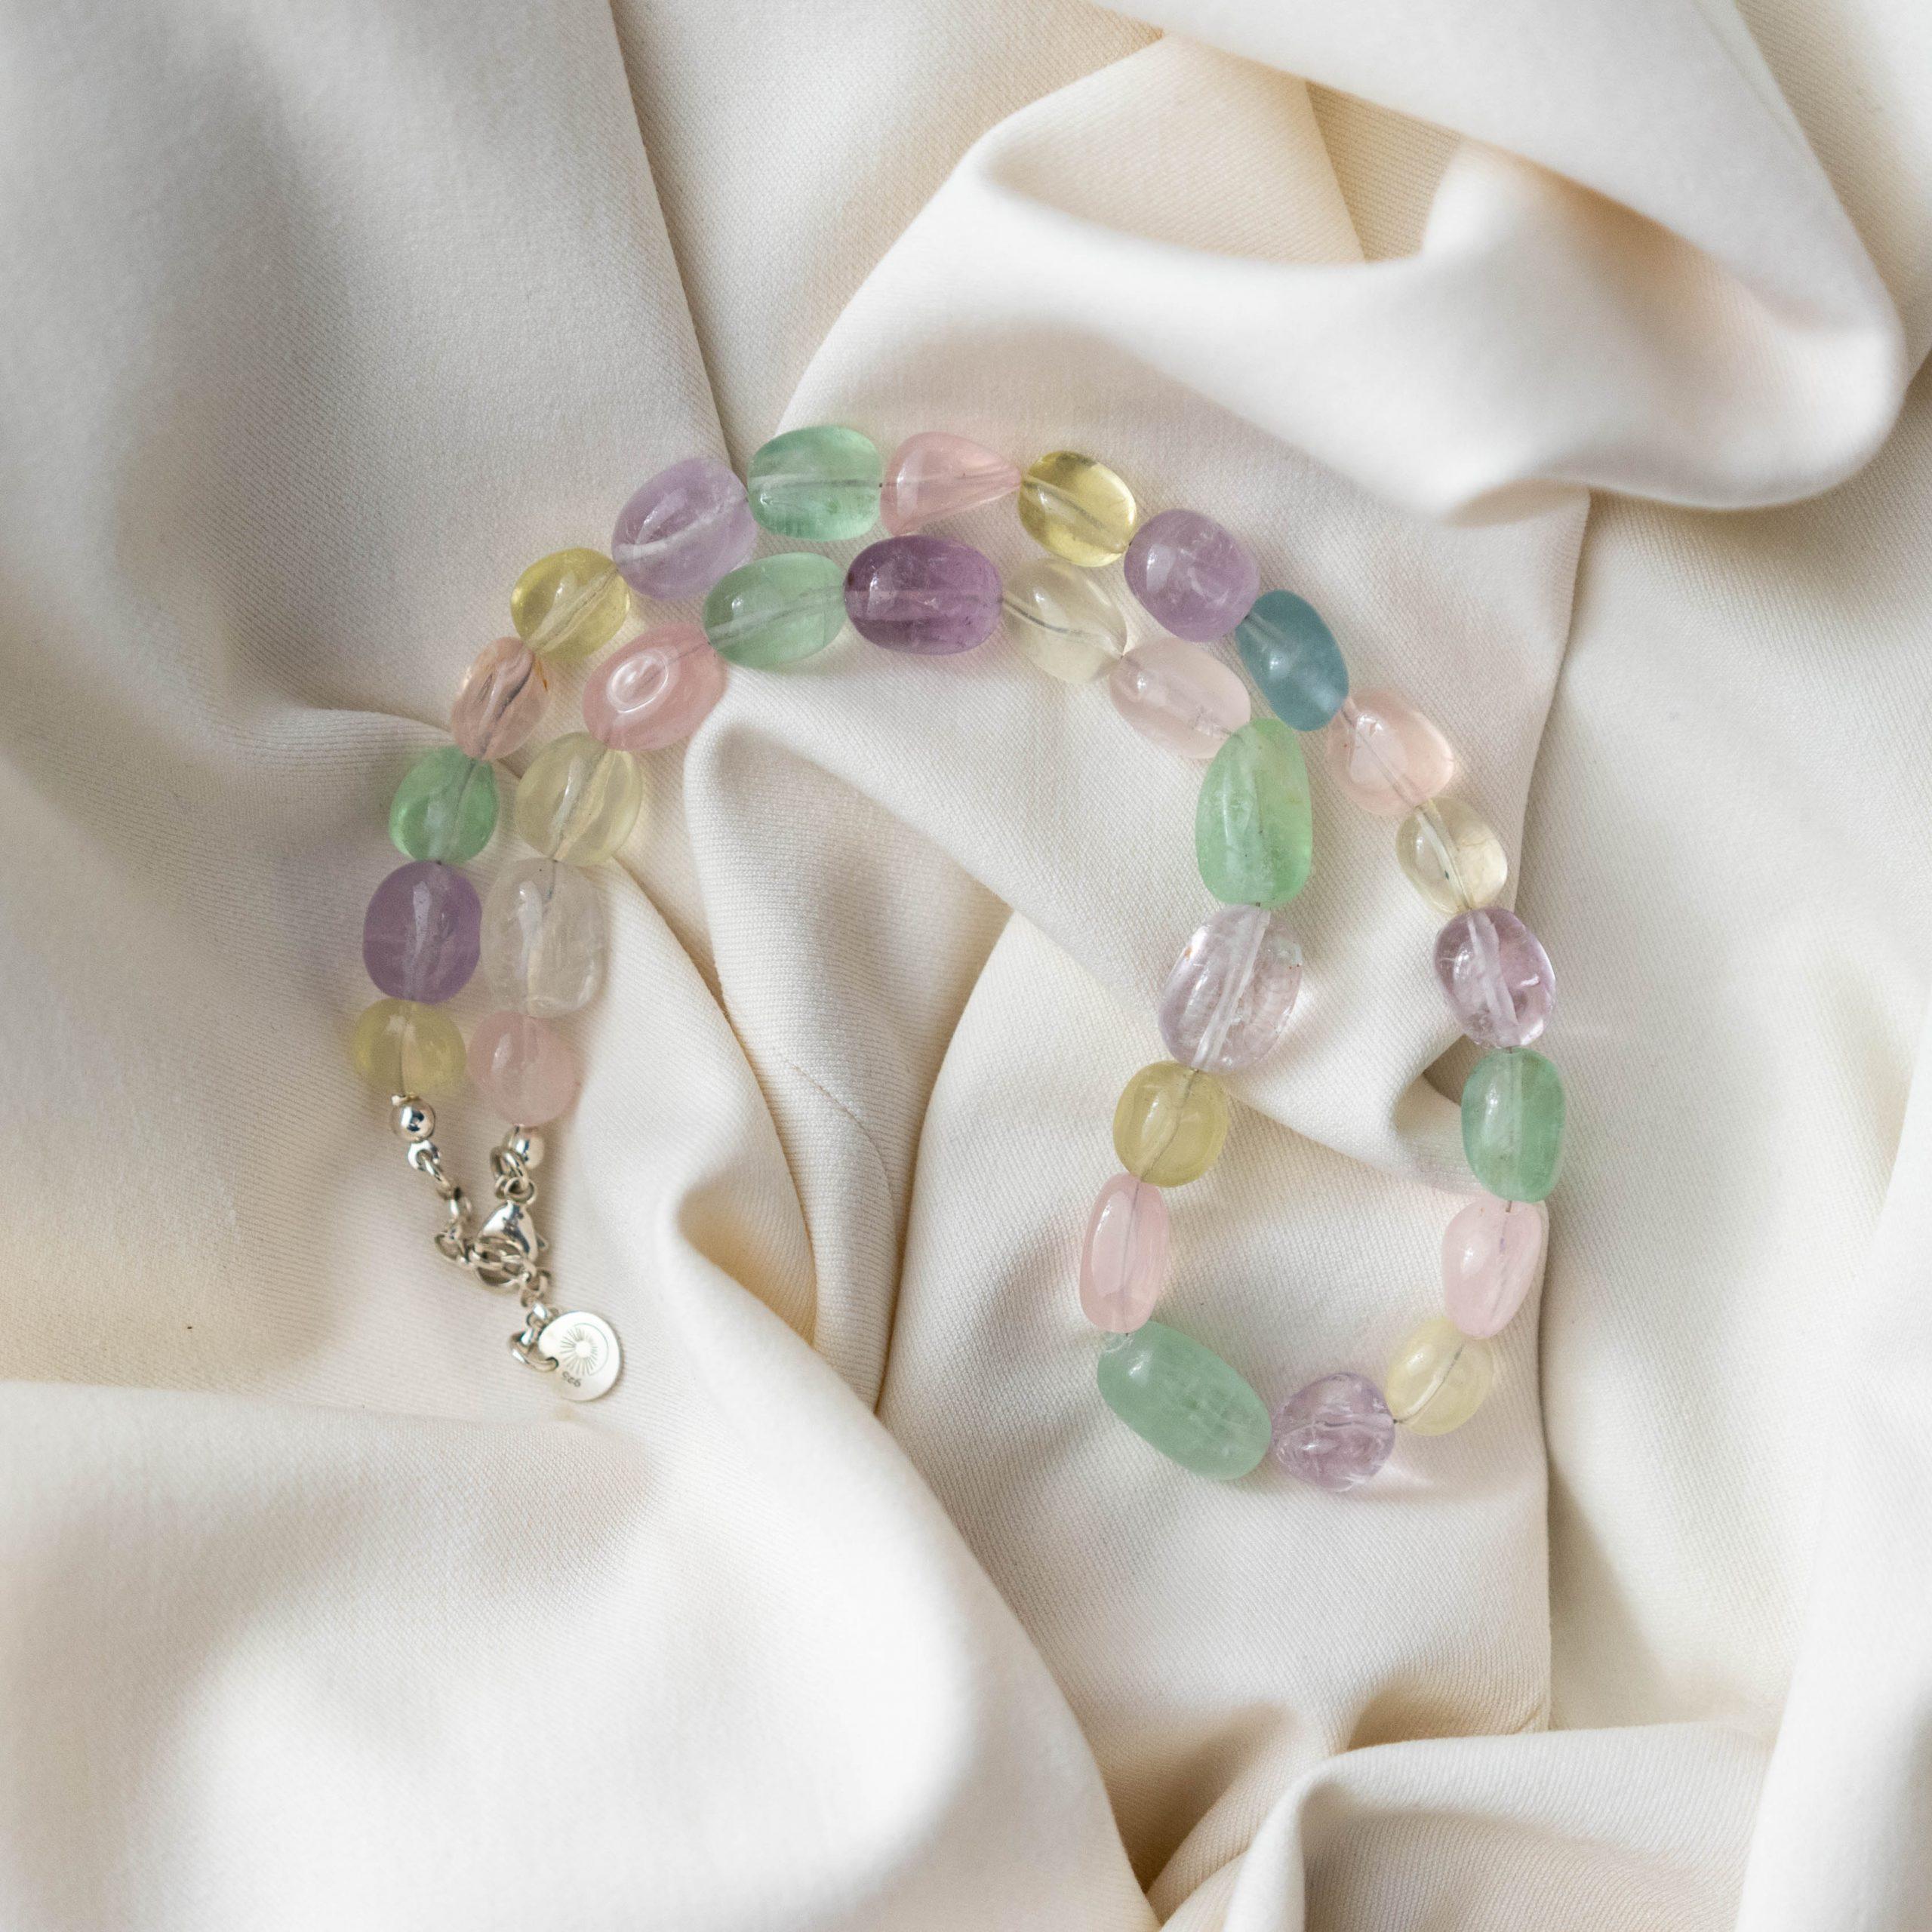 Naszyjnik z kolorowych kamieni szlachetnych: różowych, zielonych i żółtych na jasnym materiale.